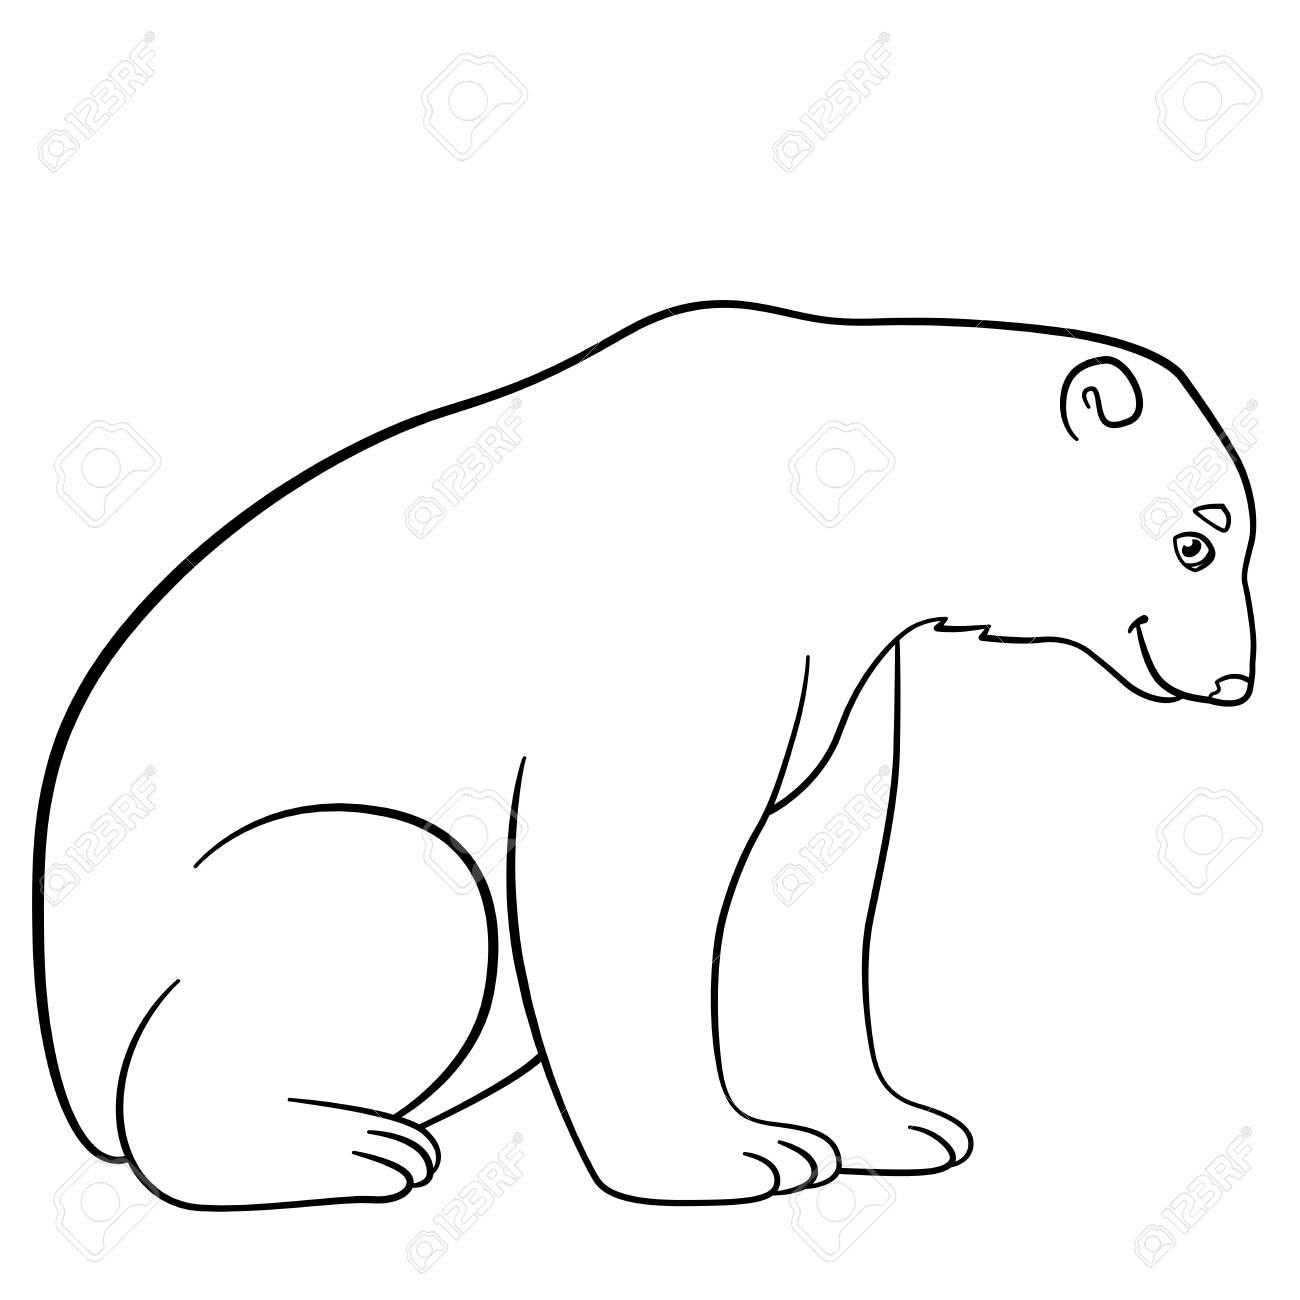 Malvorlagen. Netter Eisbär Sitzt Und Lächelt. Lizenzfrei Nutzbare ...